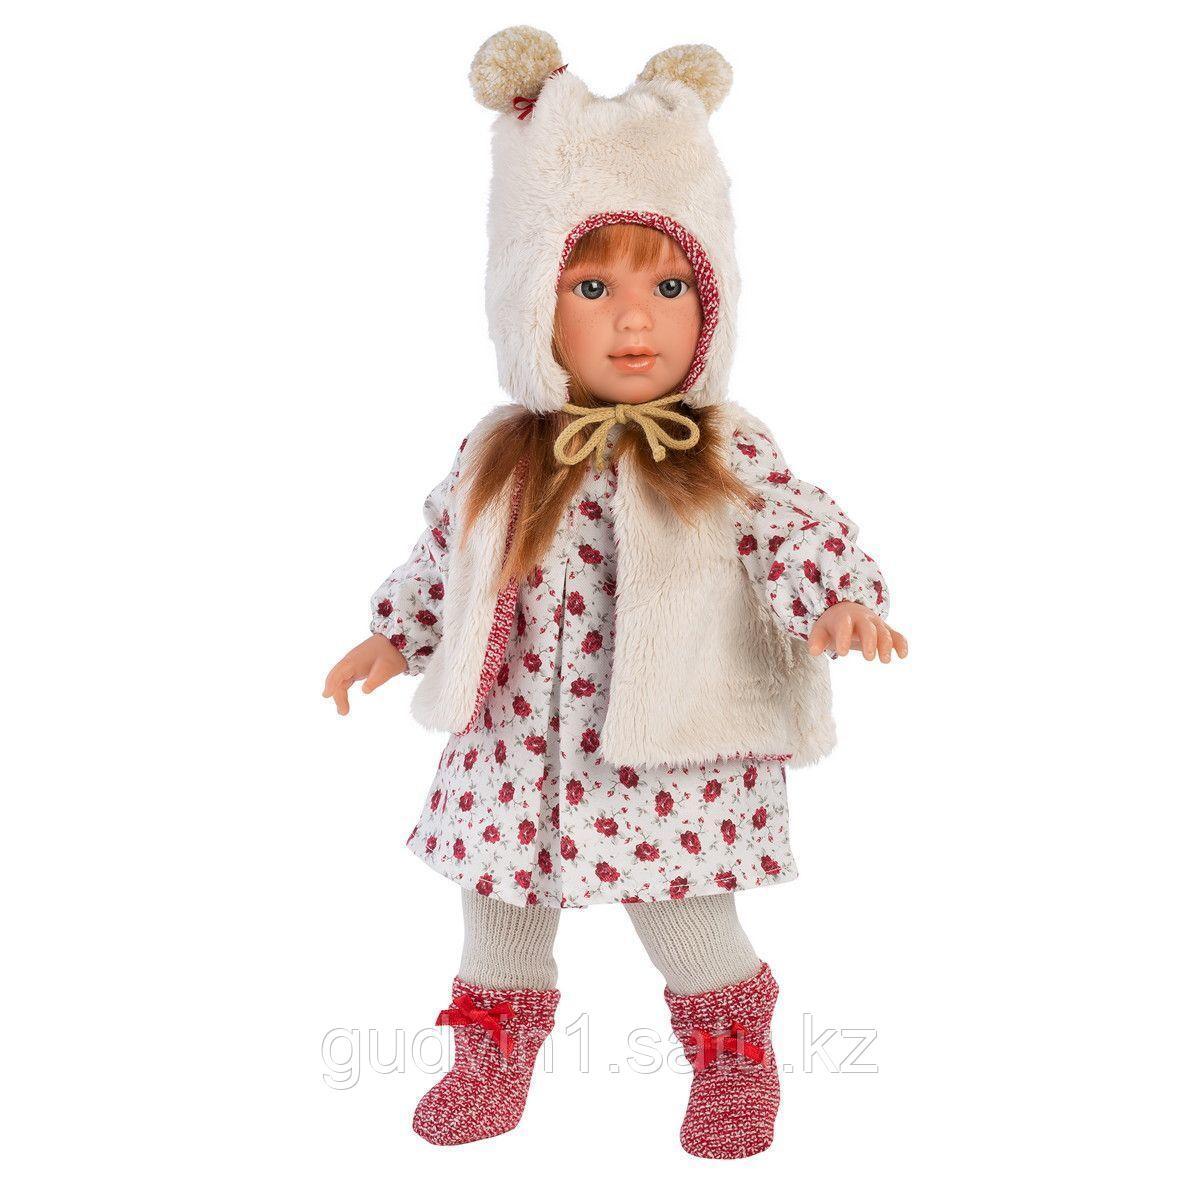 LLORENS: Кукла Мартиная 40см, шатенка в мехавом жилете и шапочке 54026